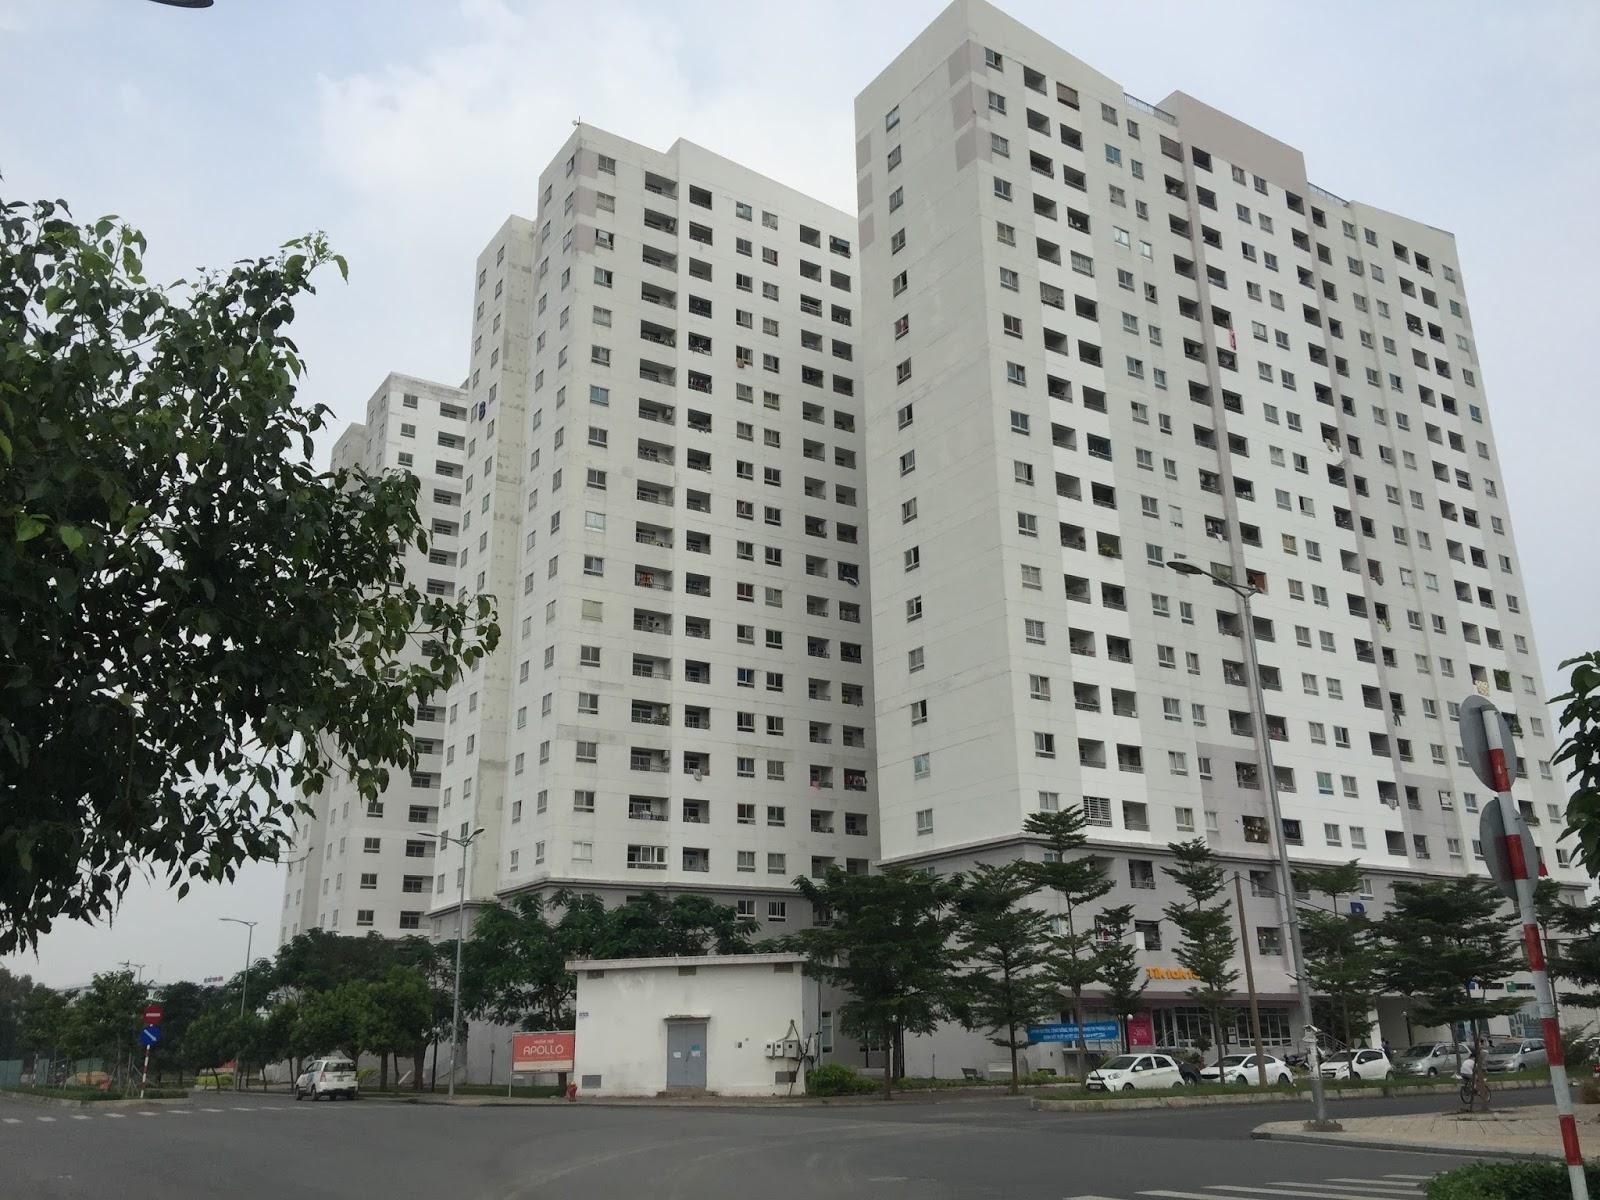 Thiết kế Căn hộ cao cấp cho thuê 1050 Chu Văn An xây dựng đẳng cấp hài hòa